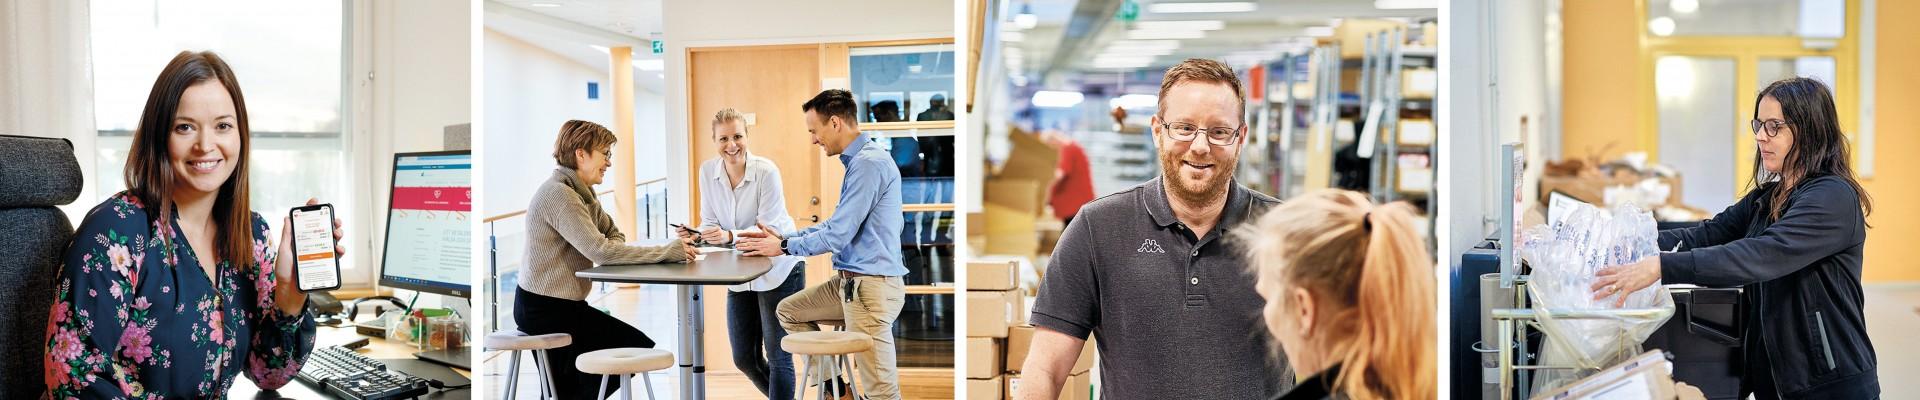 Åland Post medarbetare